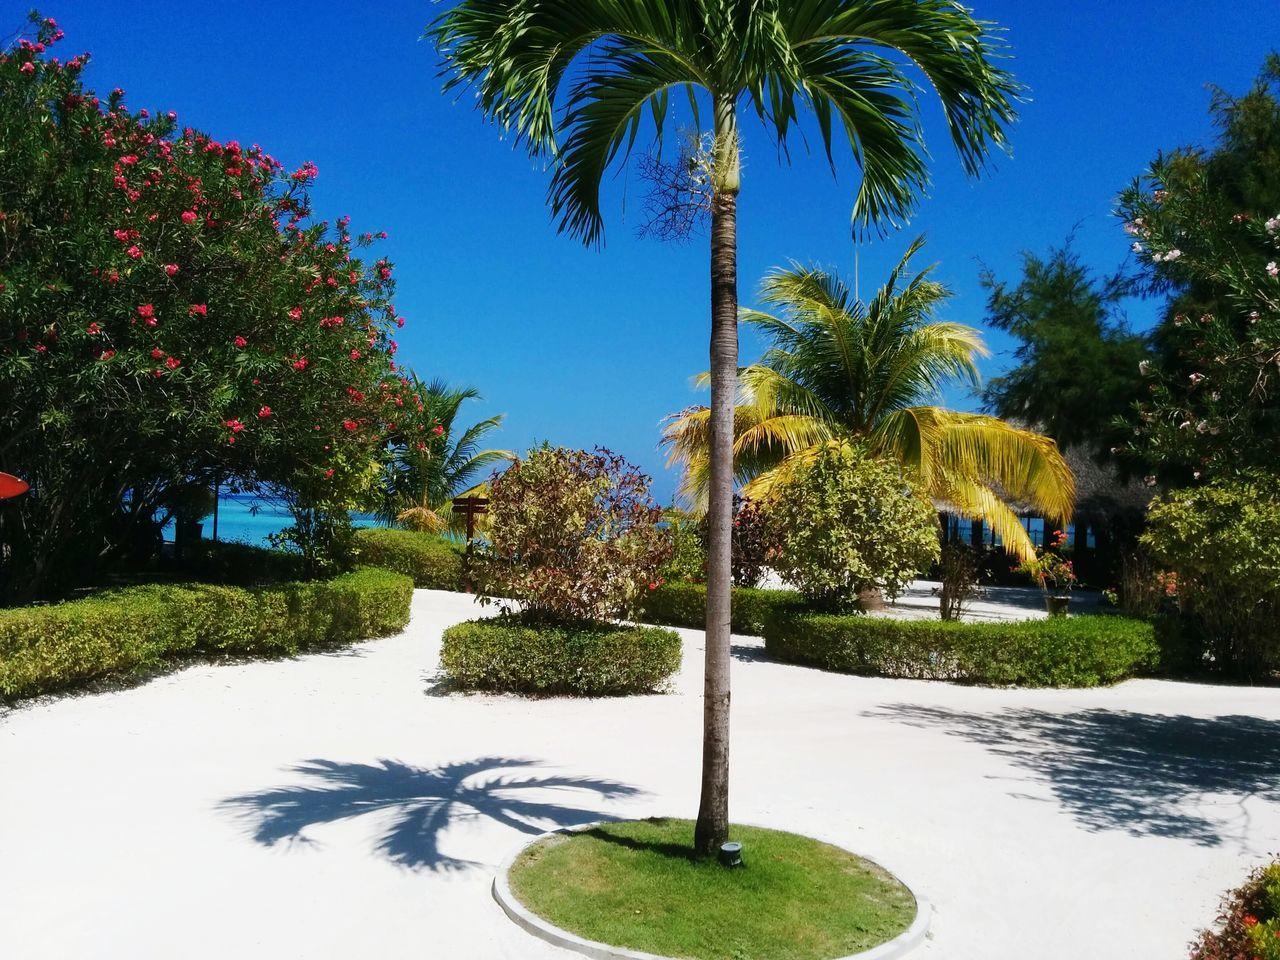 Postcard pic Maldivesphotography Cleanbeaches Maldives Resorts Maldives